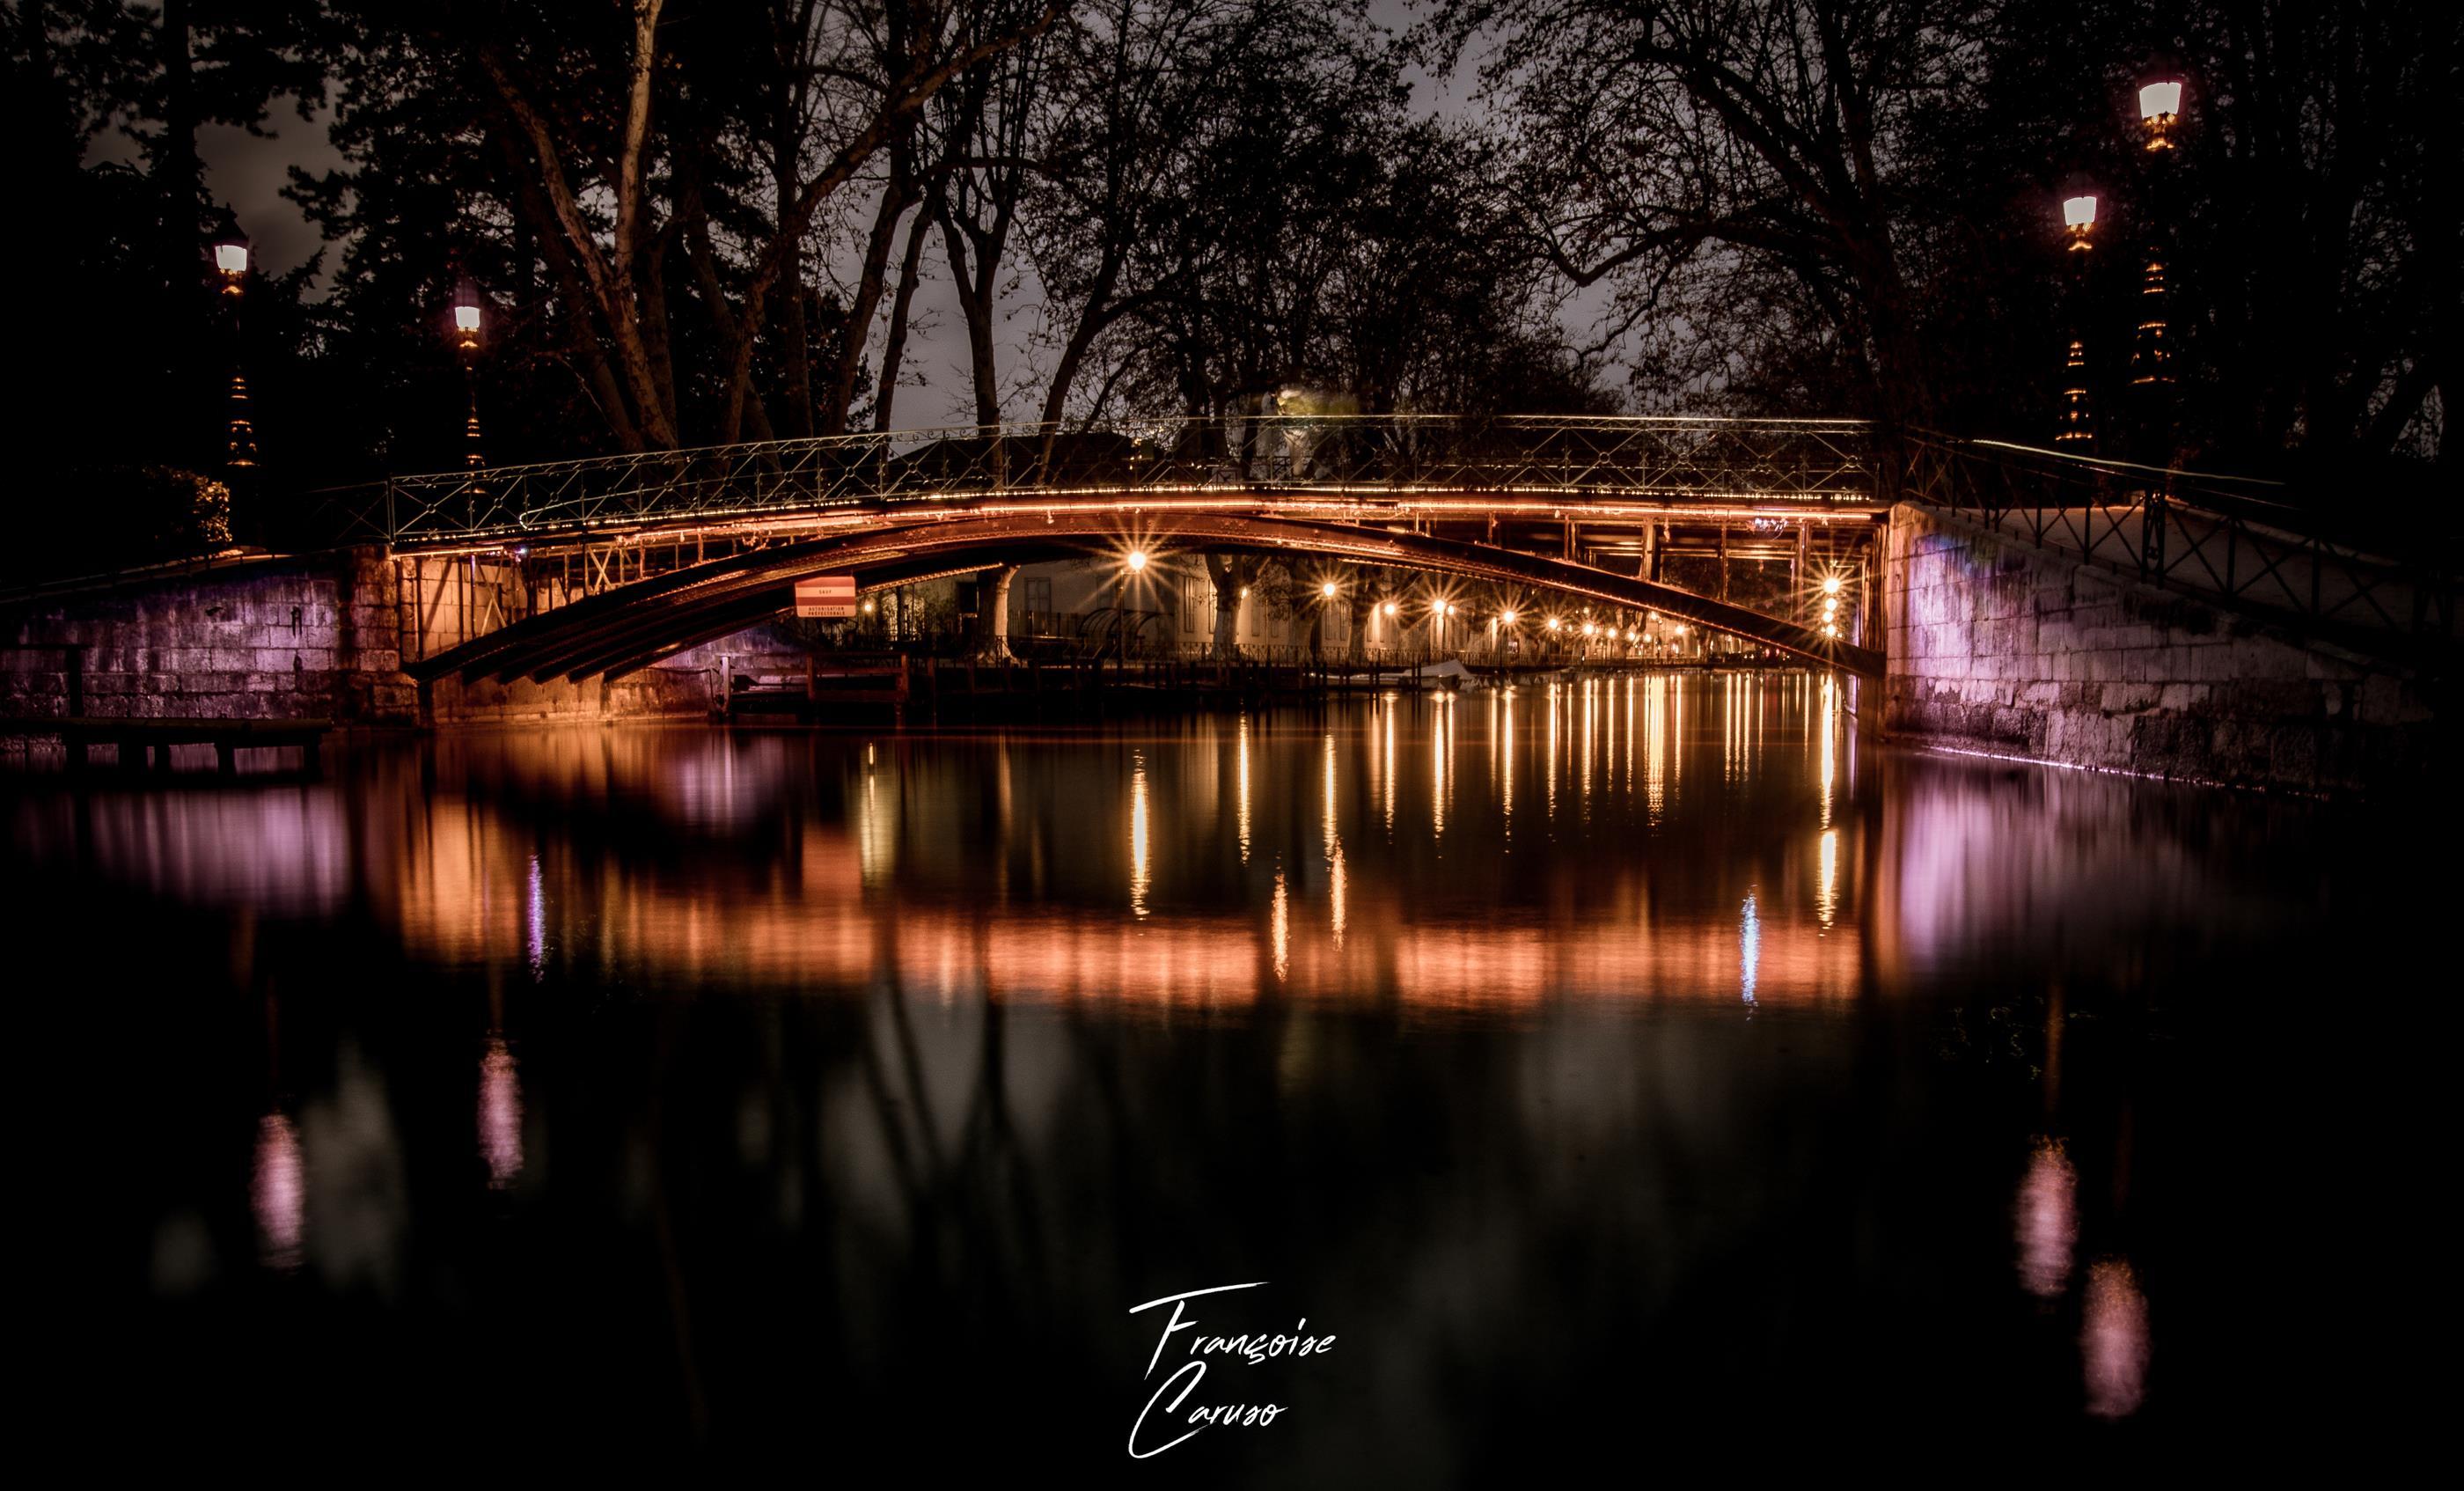 Le pont des amours - Annecy